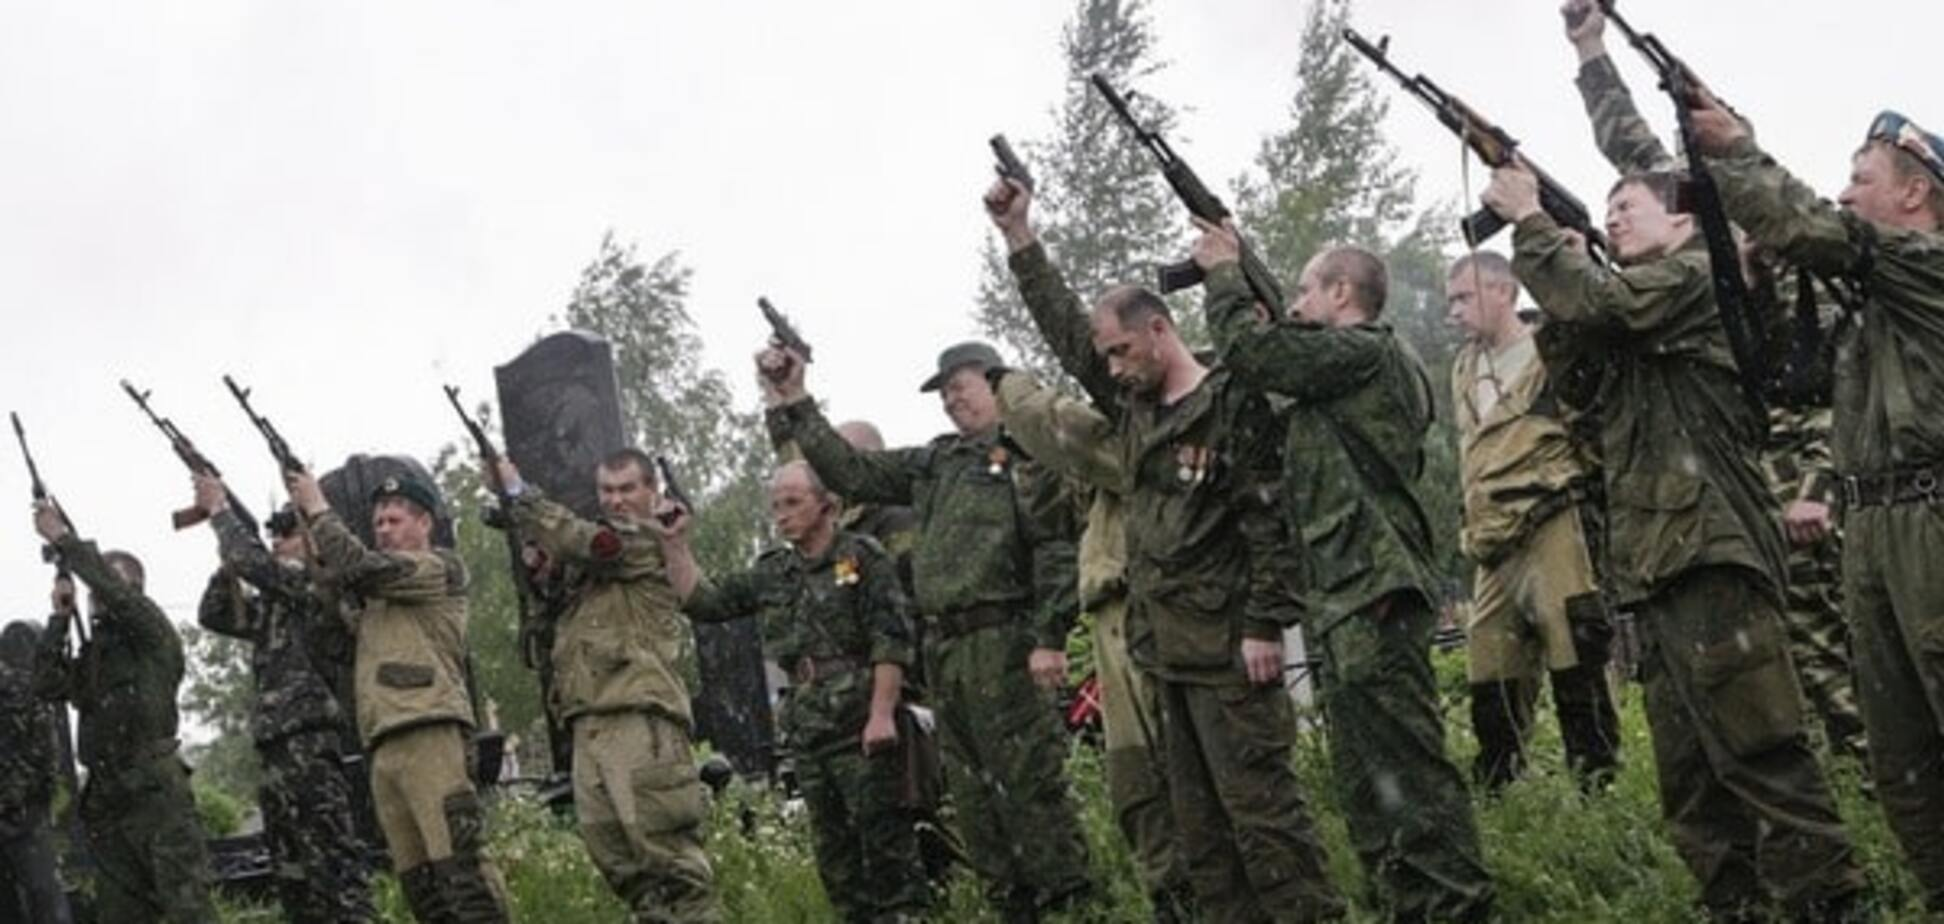 Терористи з усім арсеналом влаштували потужний наступ на Мар'їнку